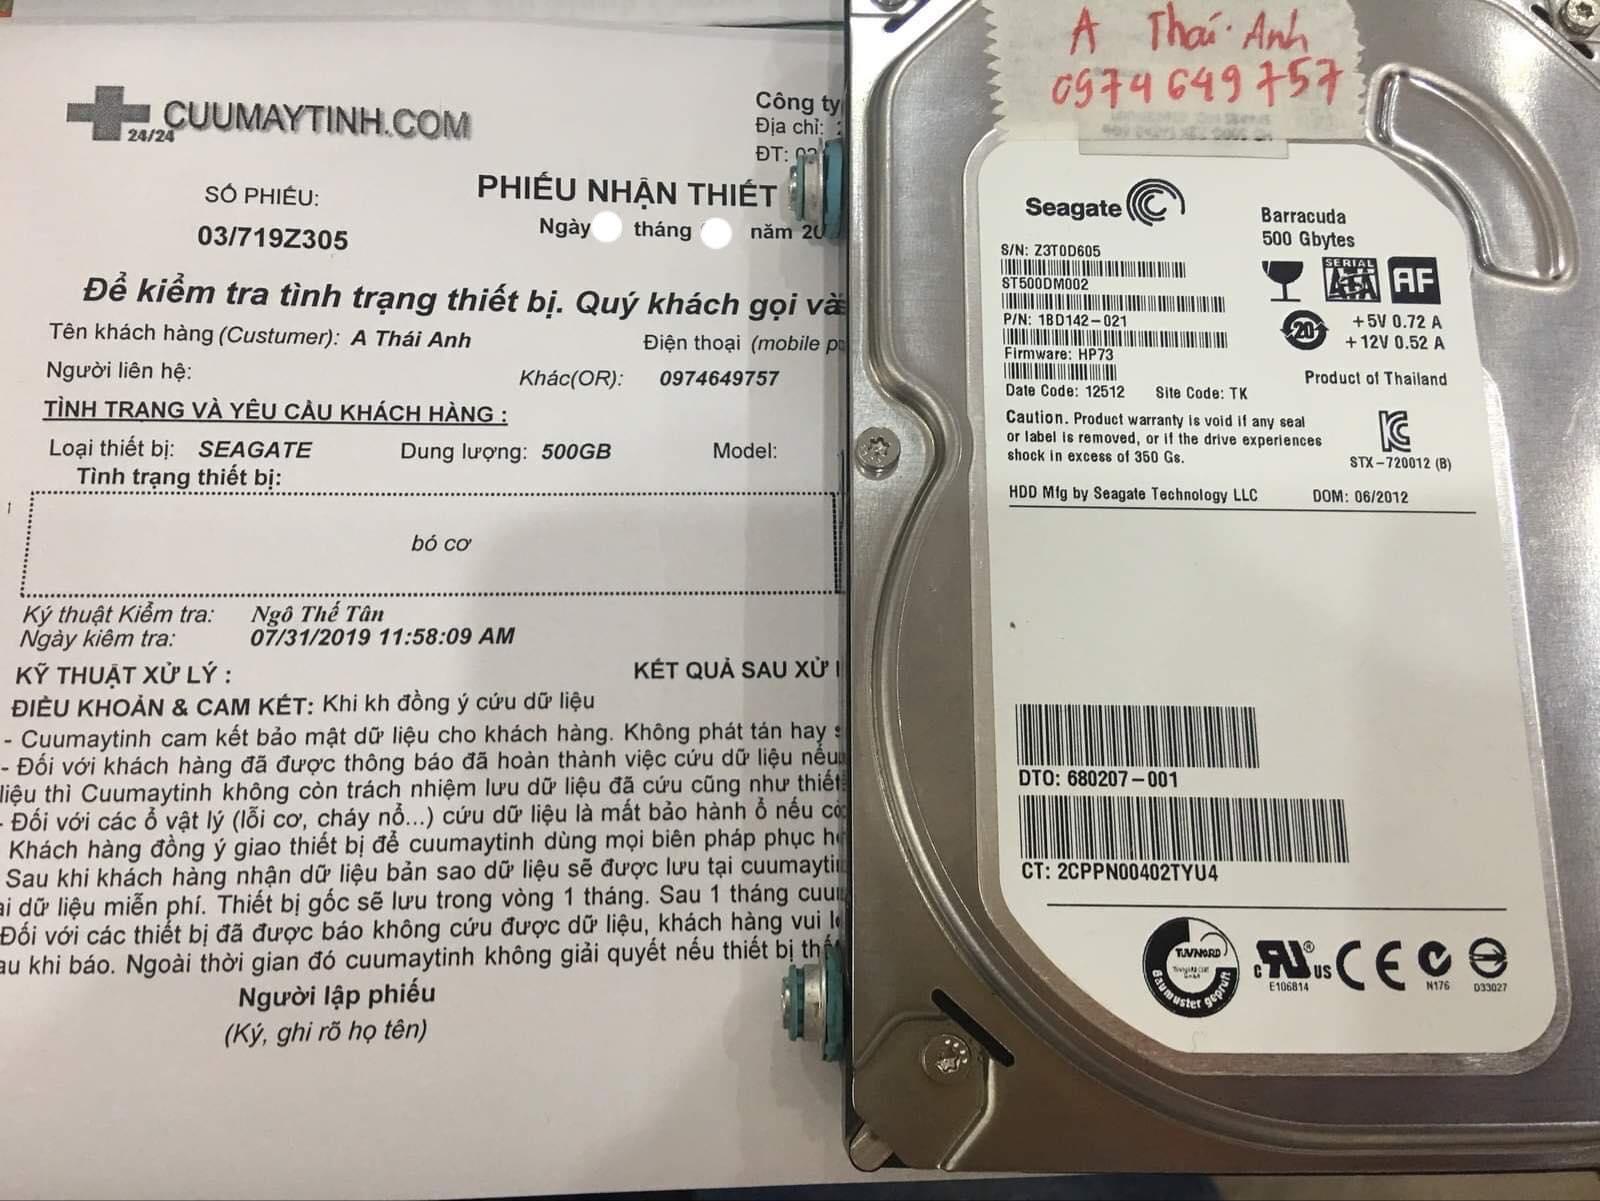 Phục hồi dữ liệu ổ cứng Seagate 500GB bó cơ 10/08/2019 - cuumaytinh